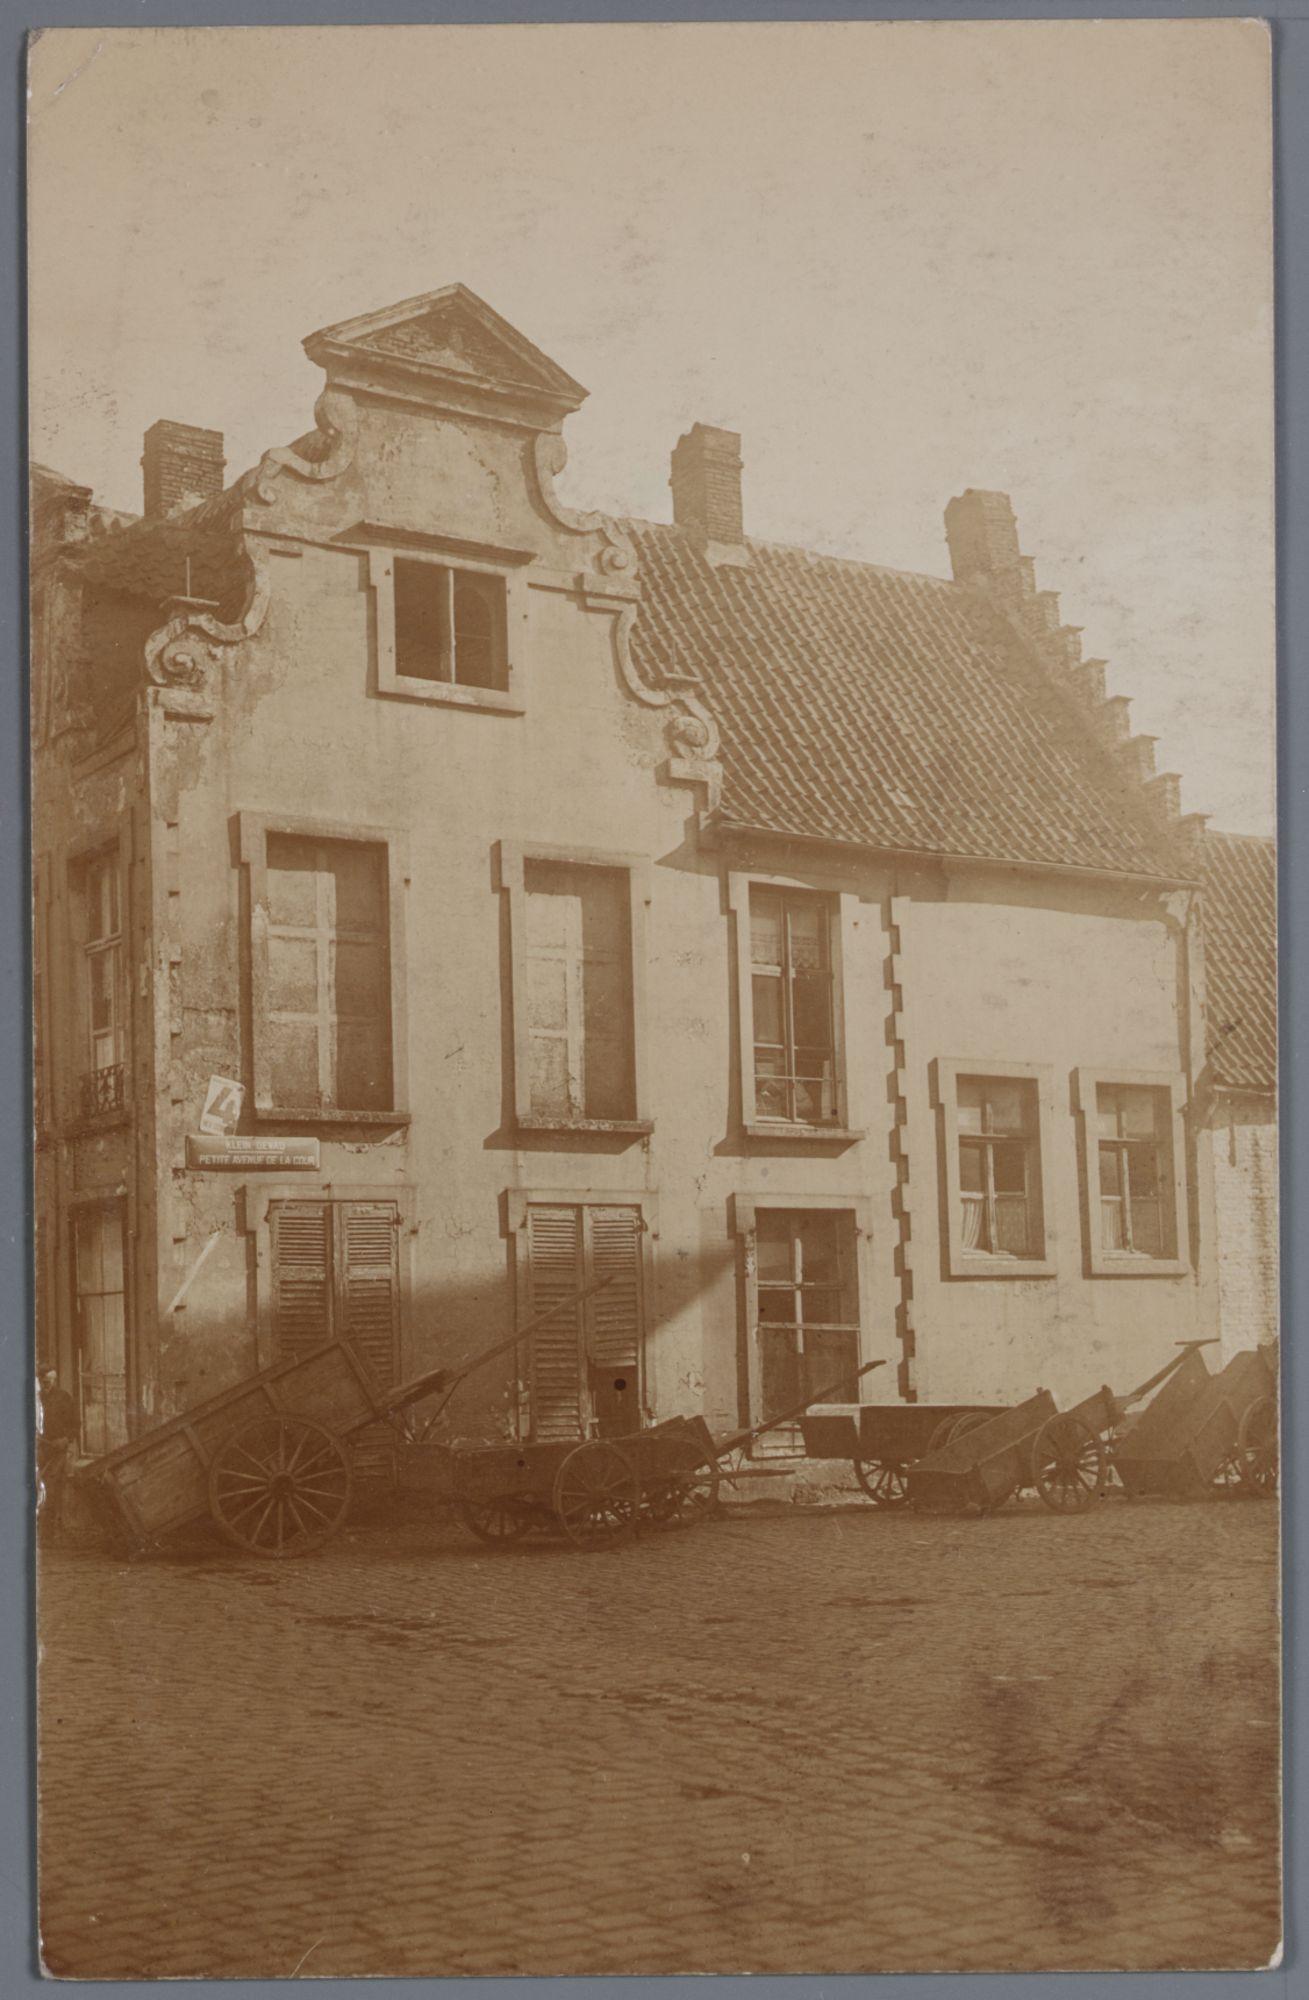 Gent: Lievekaai: hoekhuis en karren